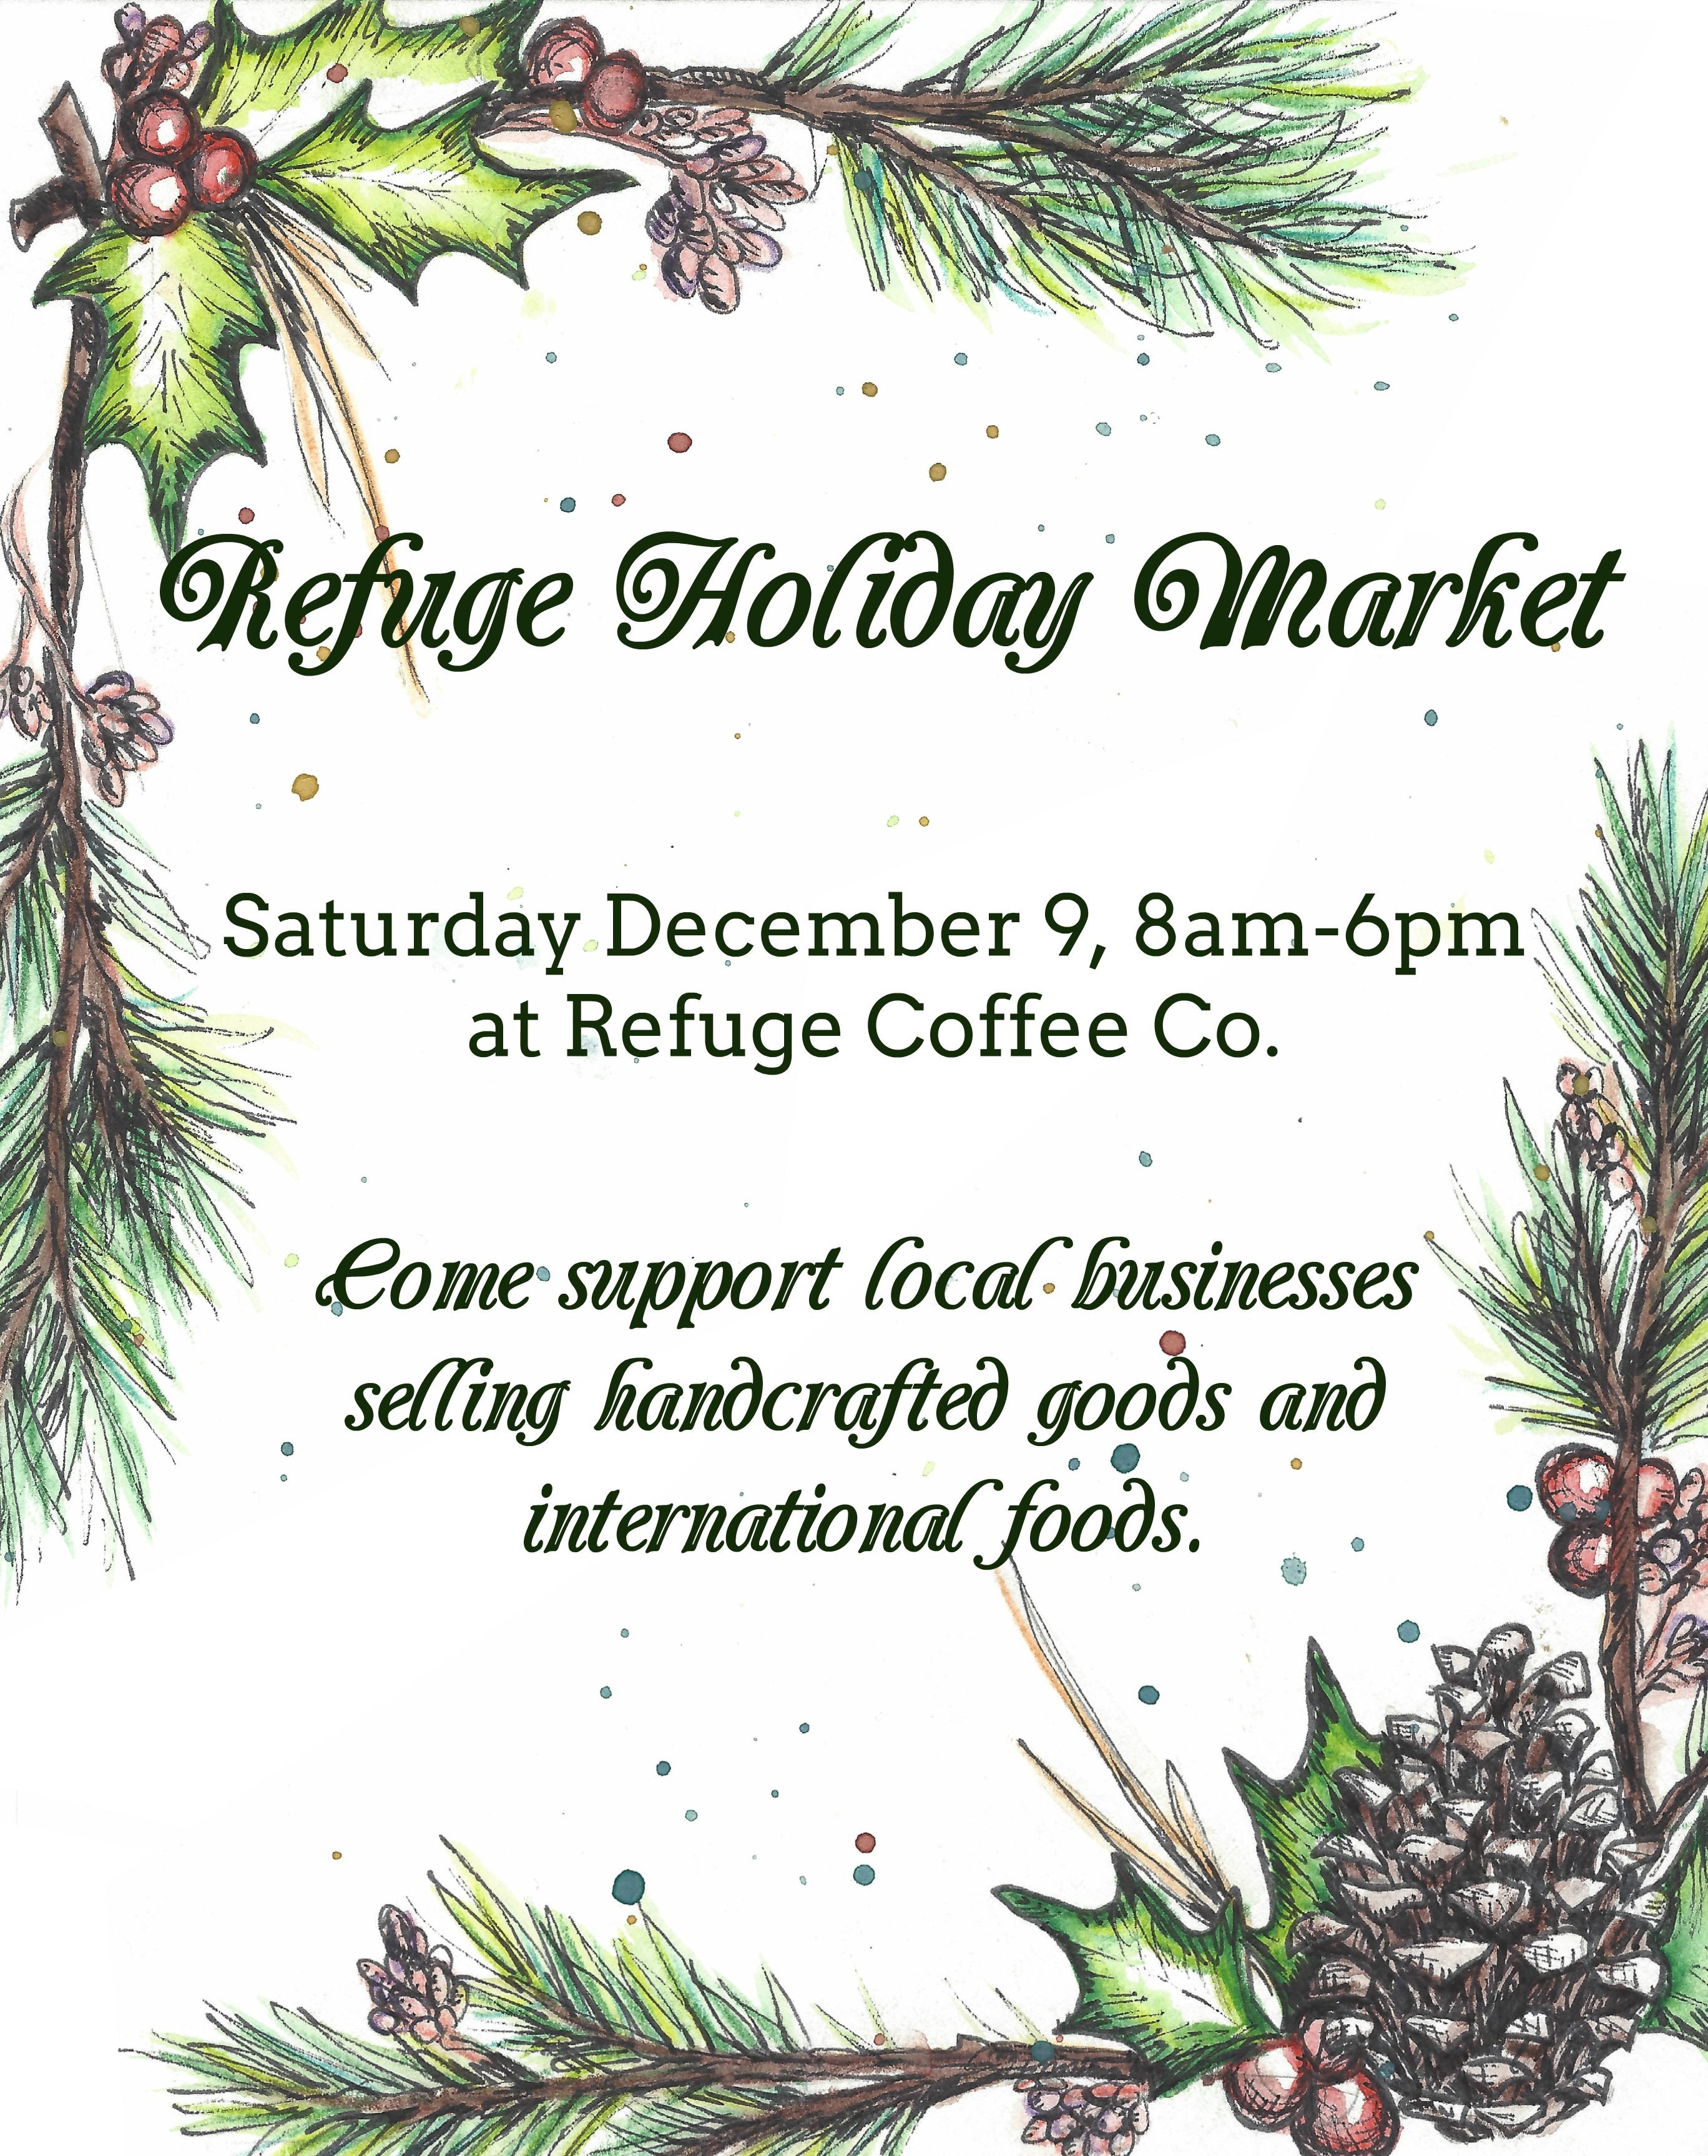 Refuge Holiday Market December 9th at Refuge Coffee Co